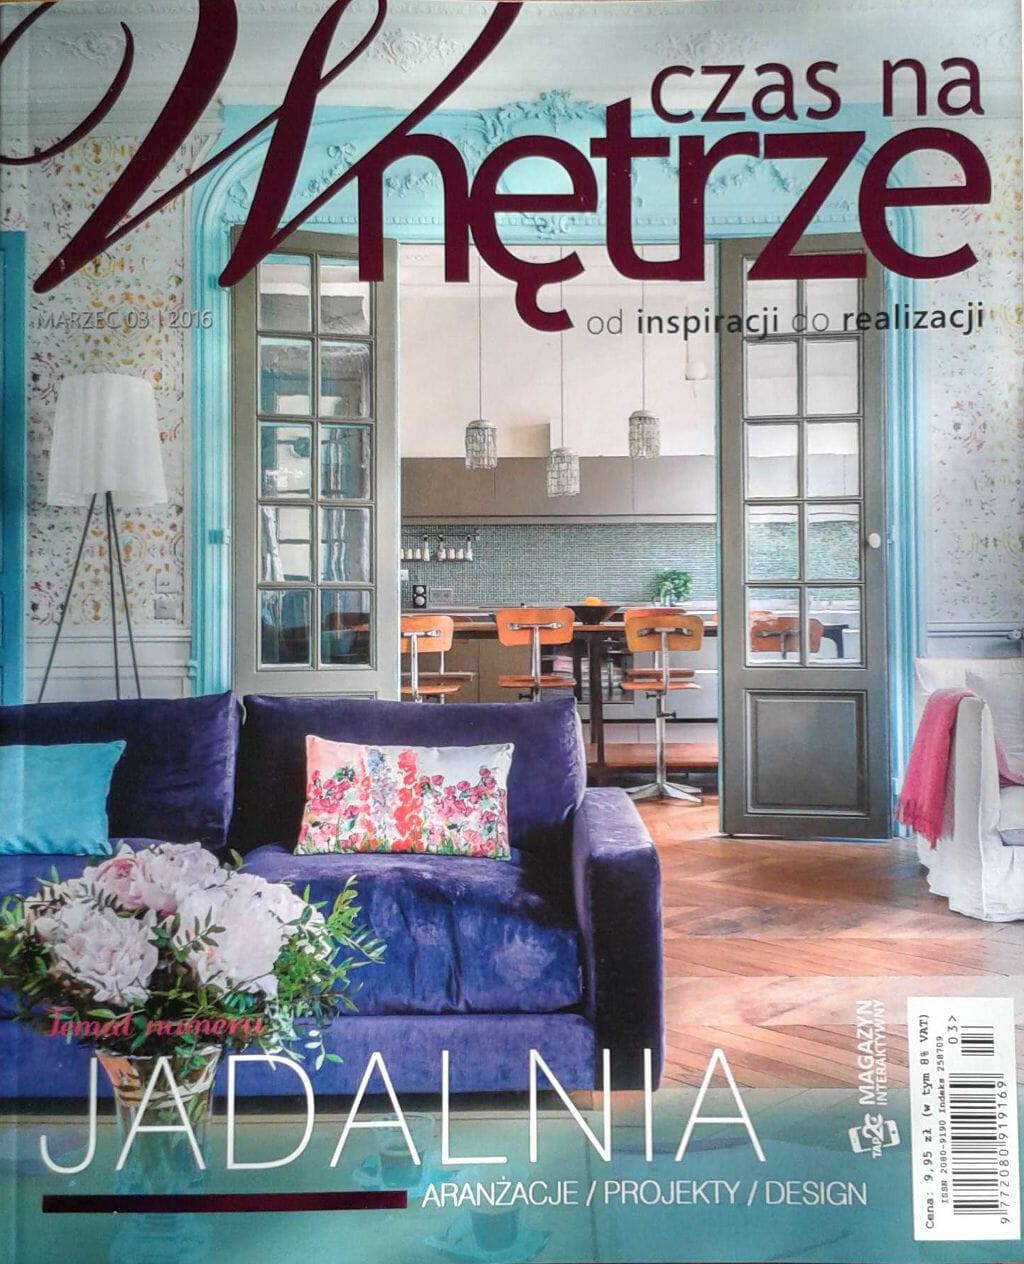 Czas na wnętrze, Viva Design, Rzeszów, projektant wnętrz, projektowanie wnętrz, architekt wnętrz, dom nad Wisłokiem, artykuł